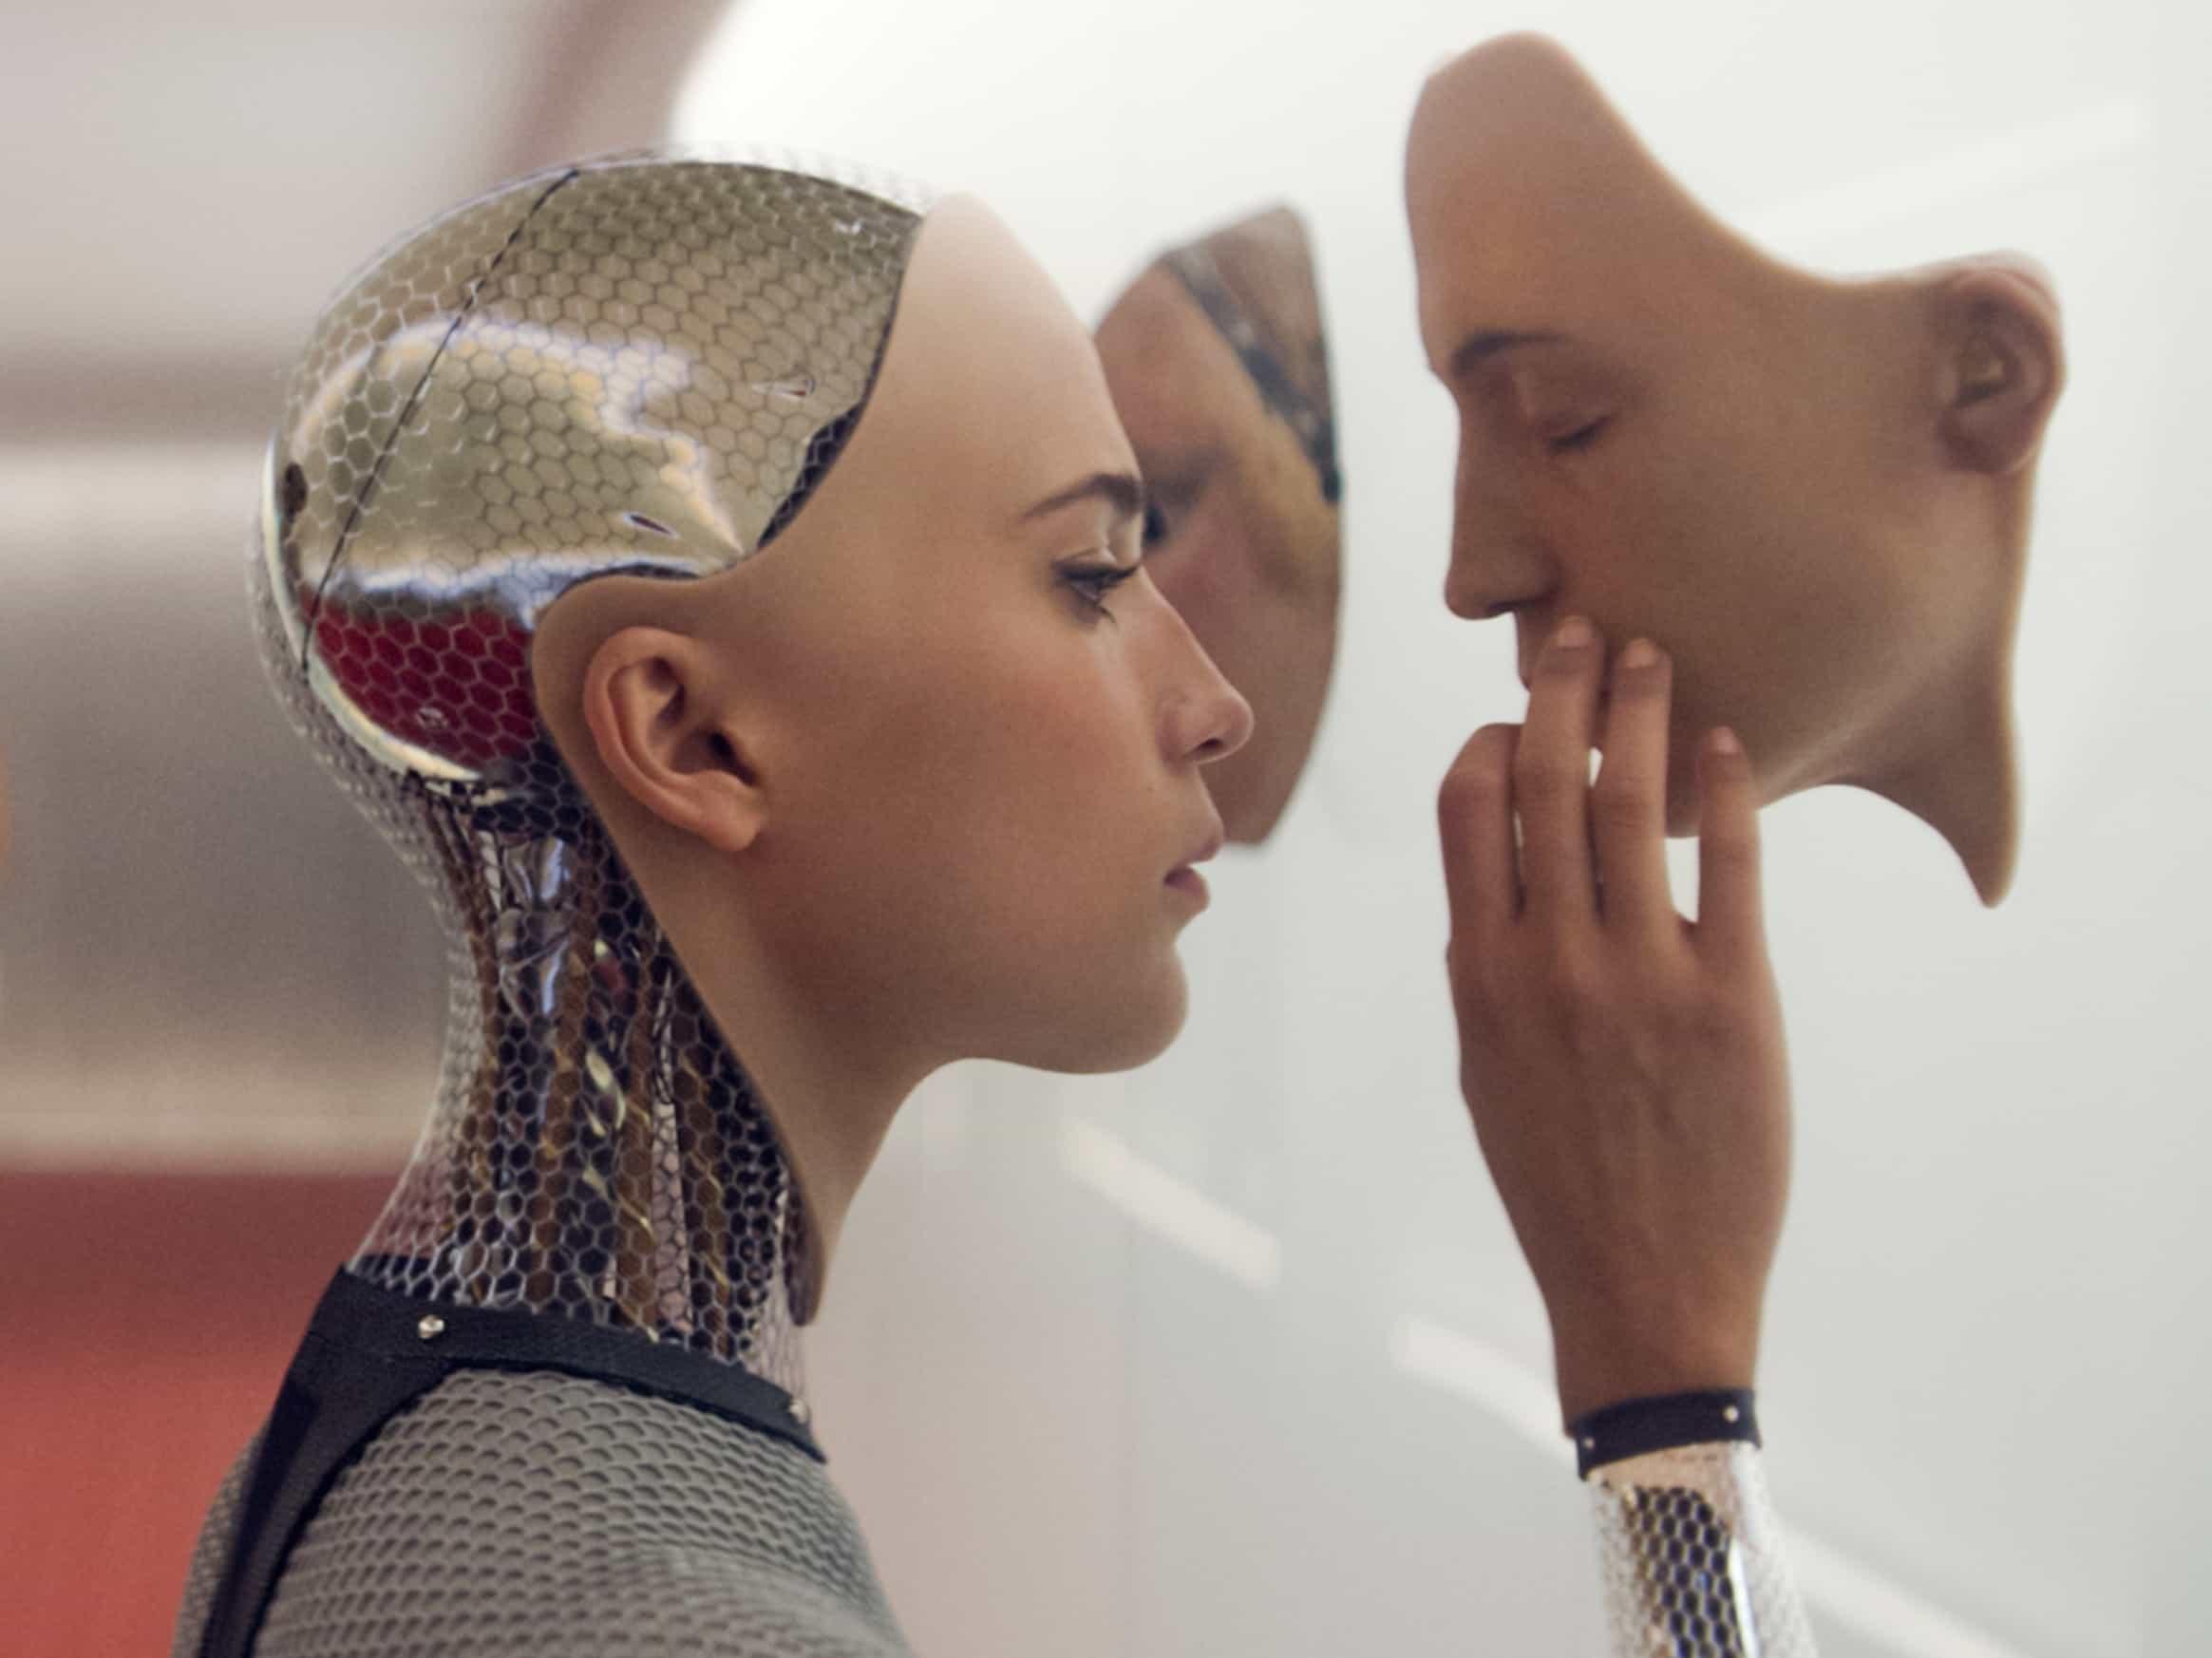 Смогут ли роботы когда-нибудь обрести сознание? мышление,роботы,технологии